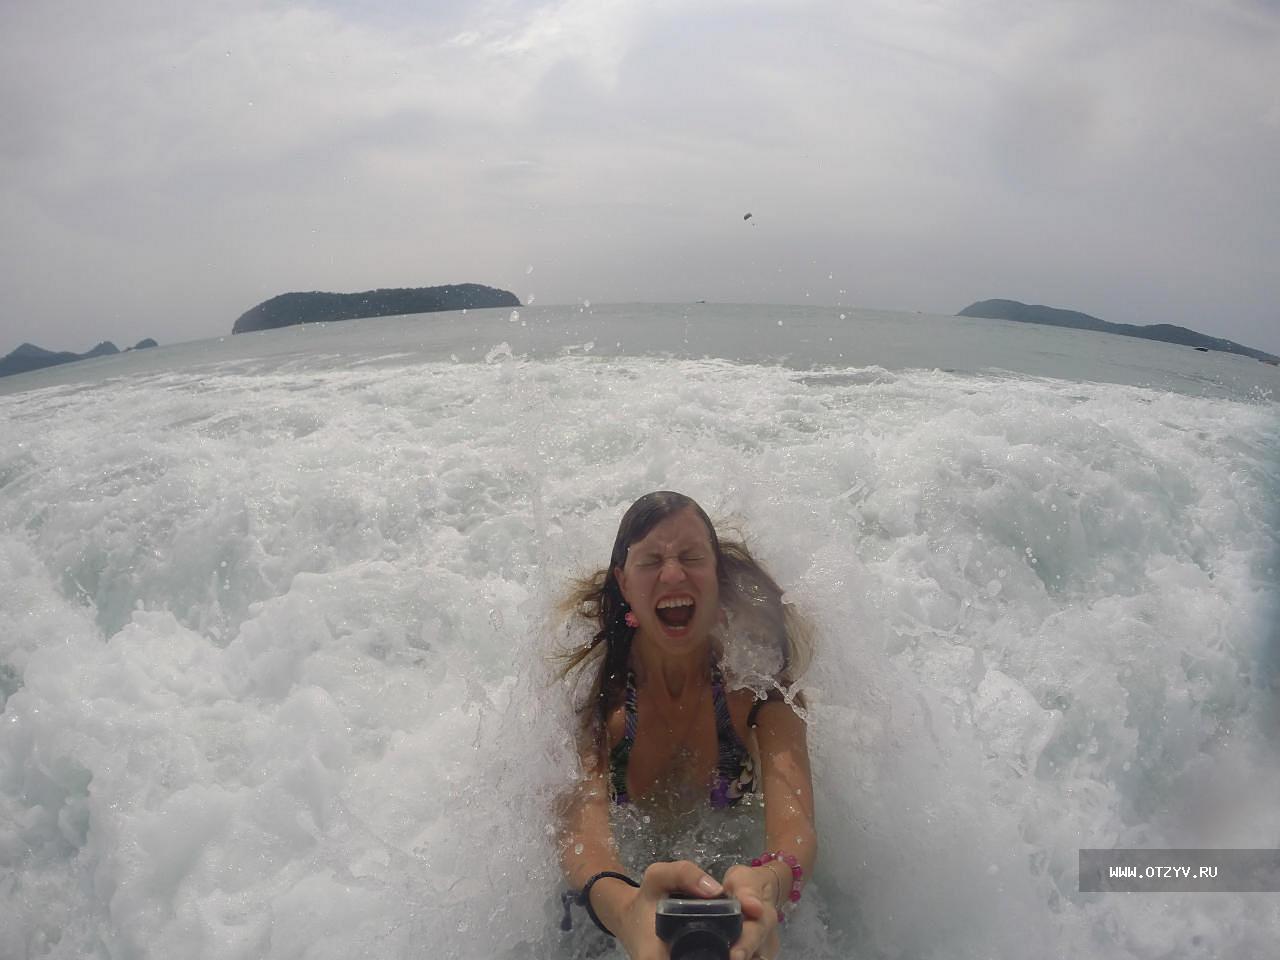 Фото в экстрим купальнике на обычном пляже 17 фотография